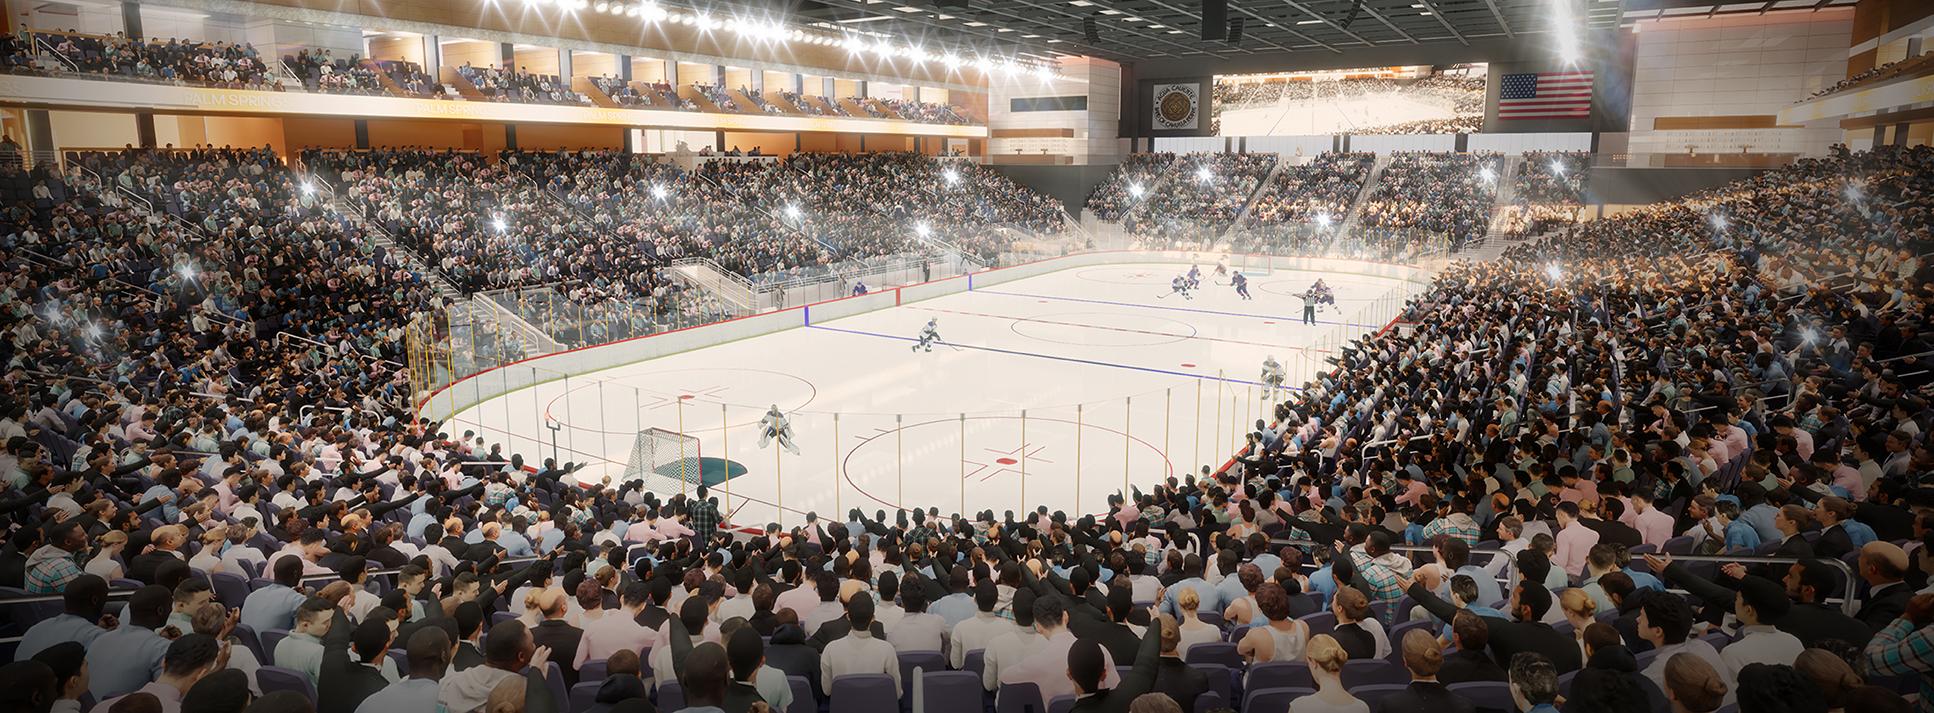 New Hockey Arena